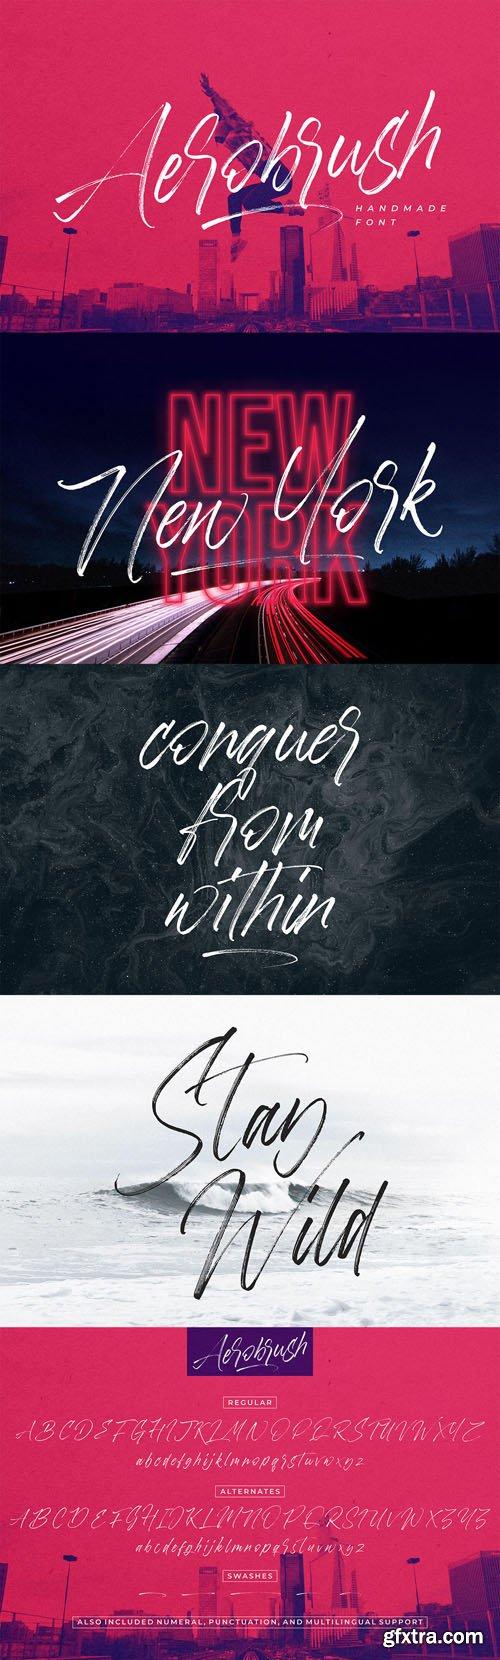 Aerobrush Handmade Font